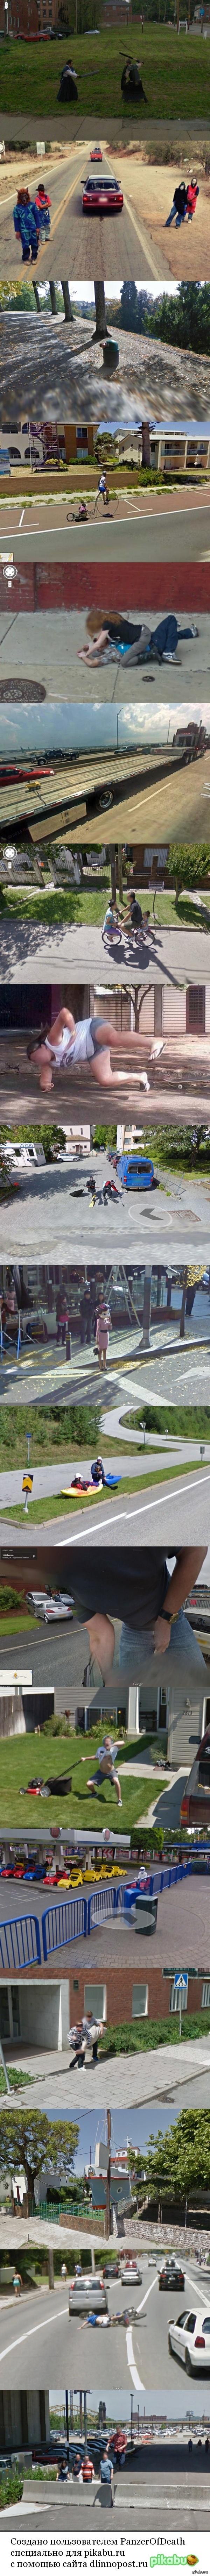 Самые необычные кадры, заснятые камерами Google Street View по всему миру